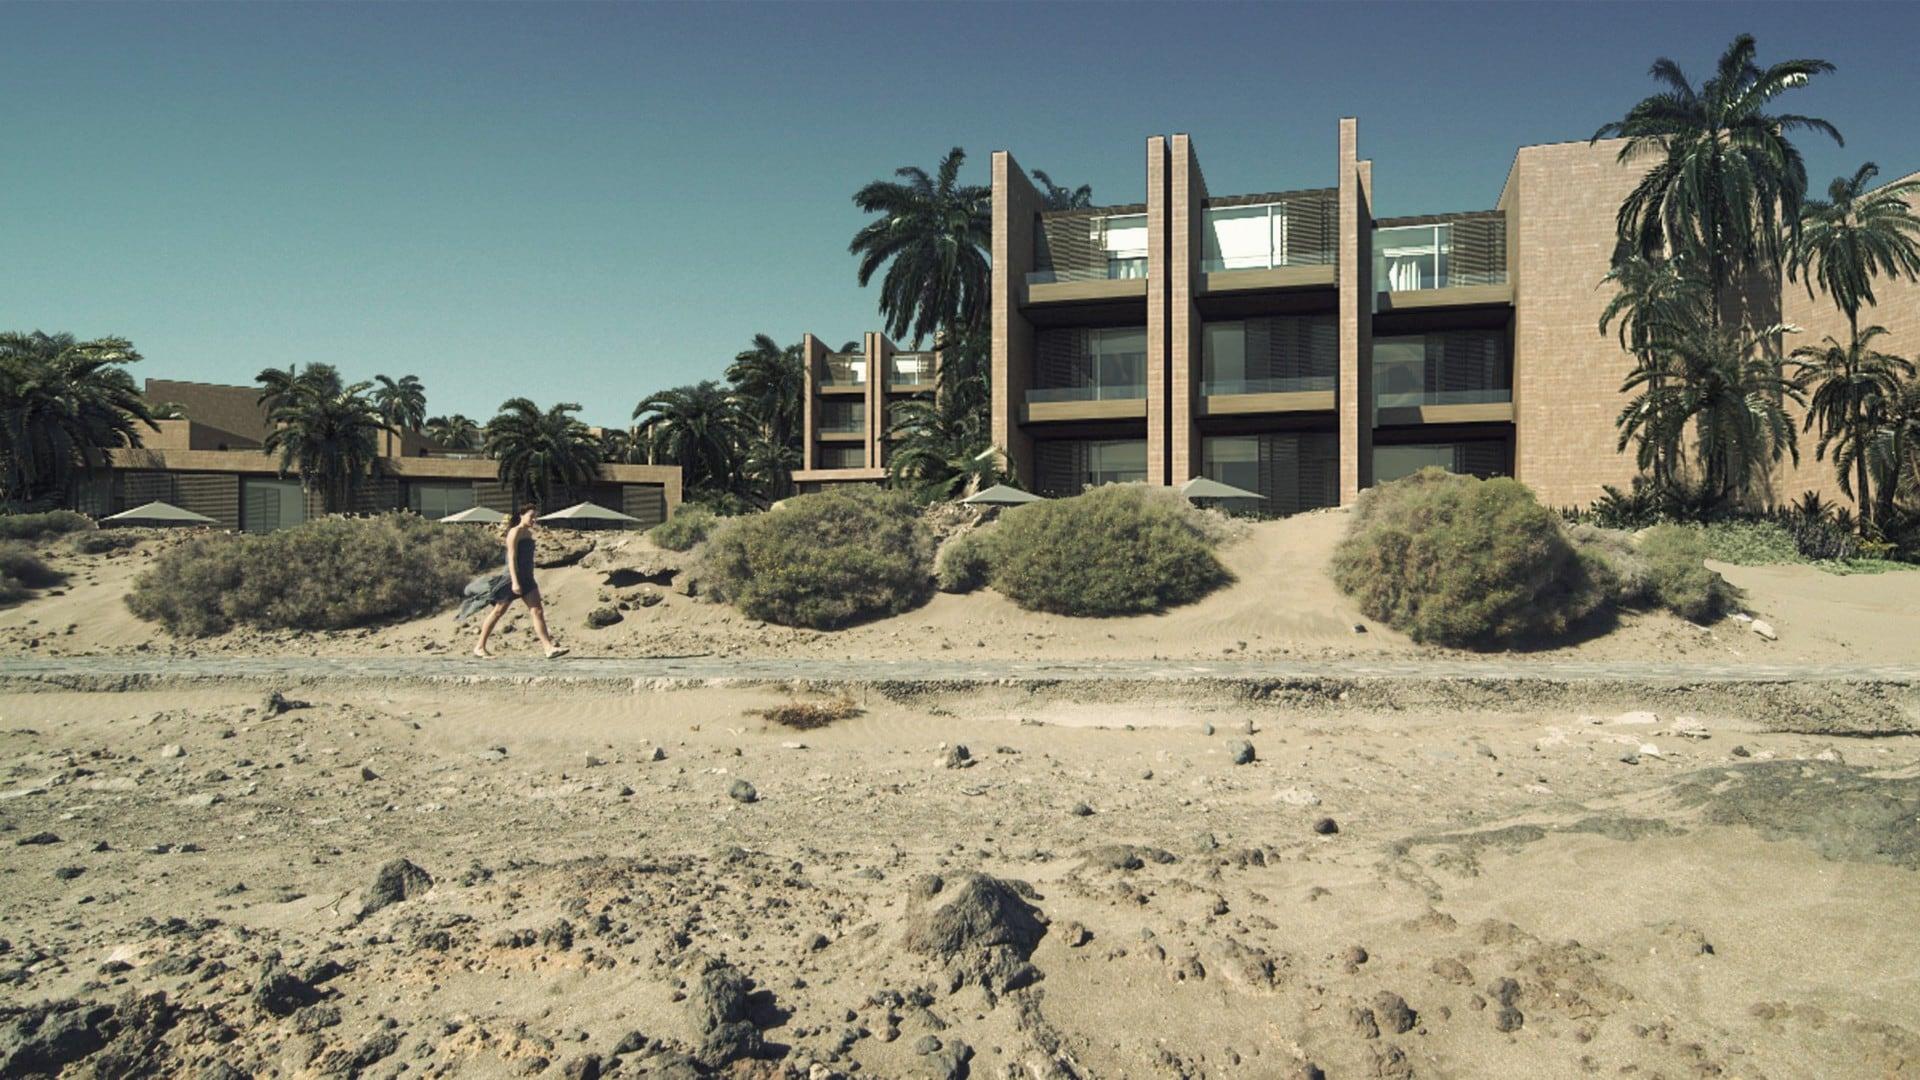 Prevista la construcci n de ocho nuevos hoteles de 5 estrellas en tenerife entre ellos el de la - Empresas de construccion en tenerife ...